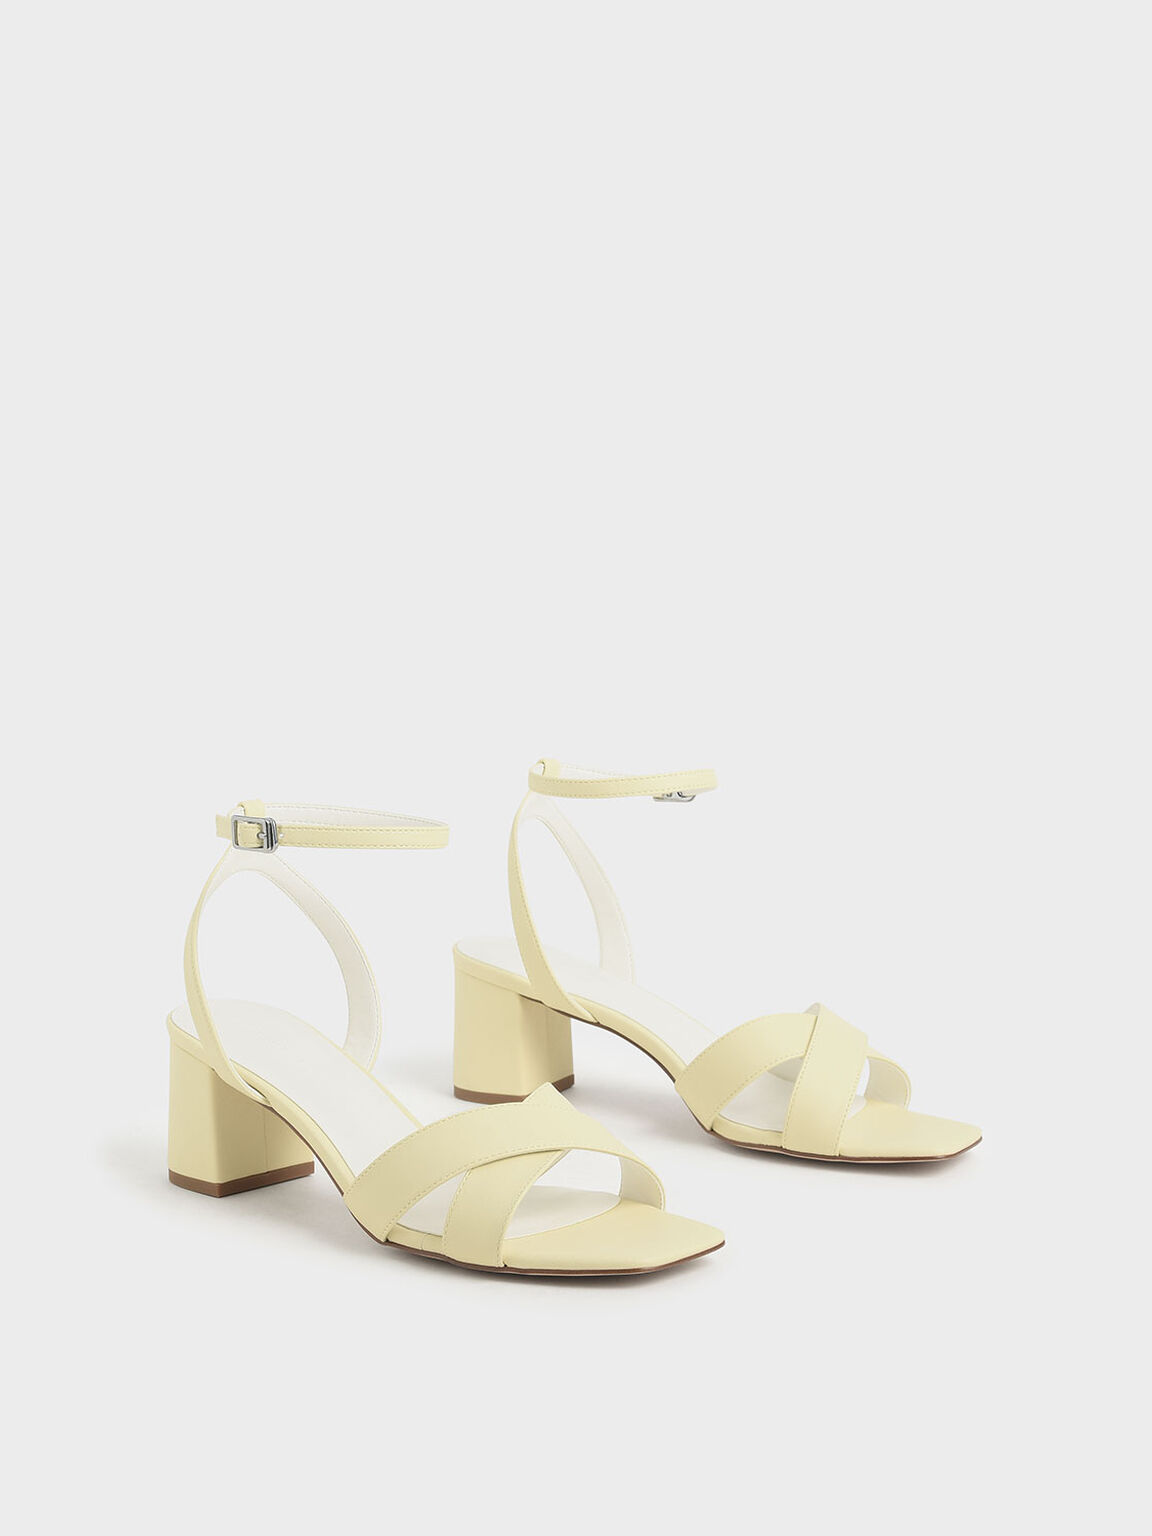 Criss Cross Block Heel Sandals, Yellow, hi-res